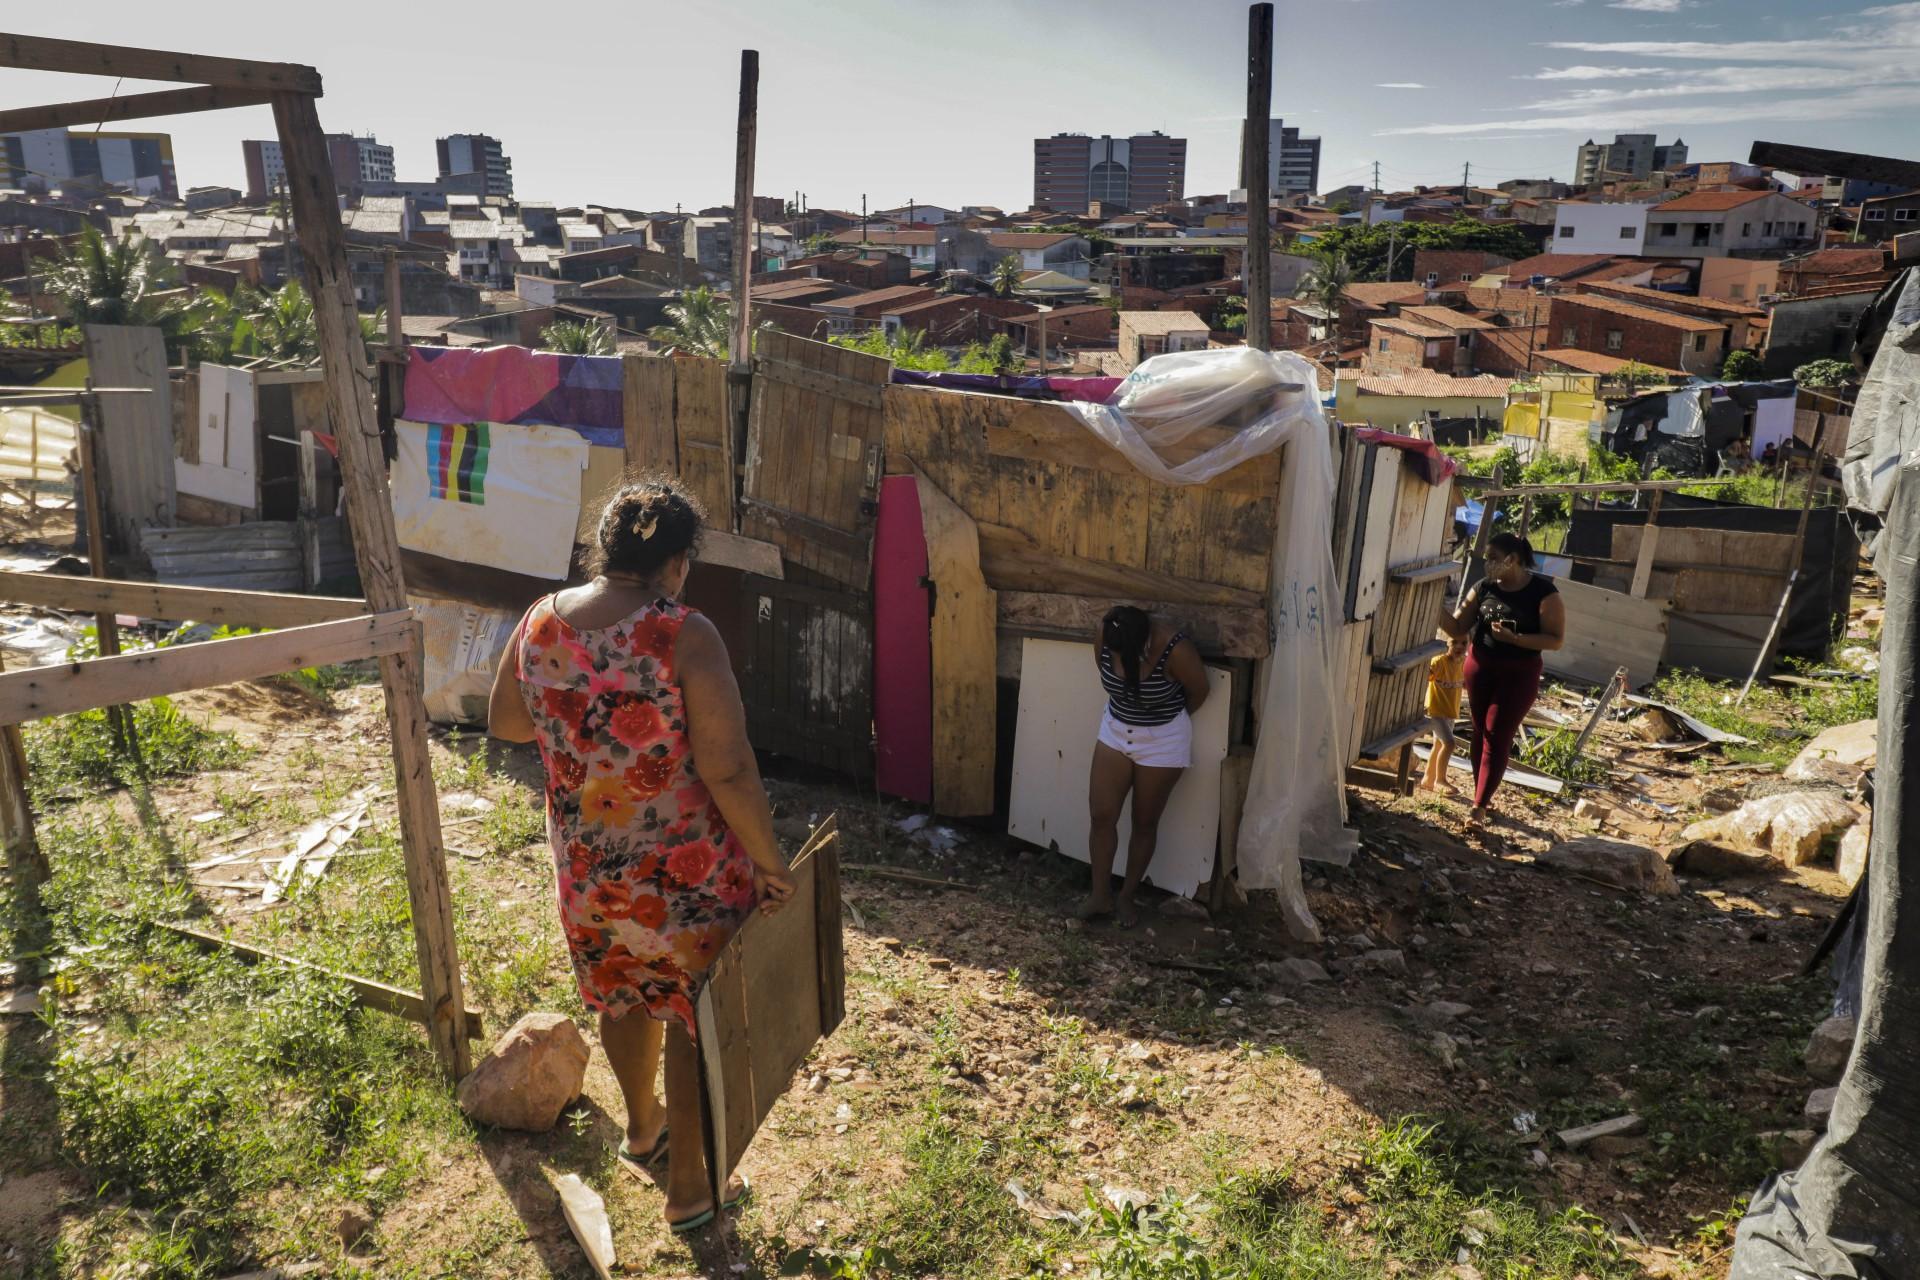 Ocupação de terreno no bairro Vicente Pinzón, ao lado do Residencial Alto da Paz